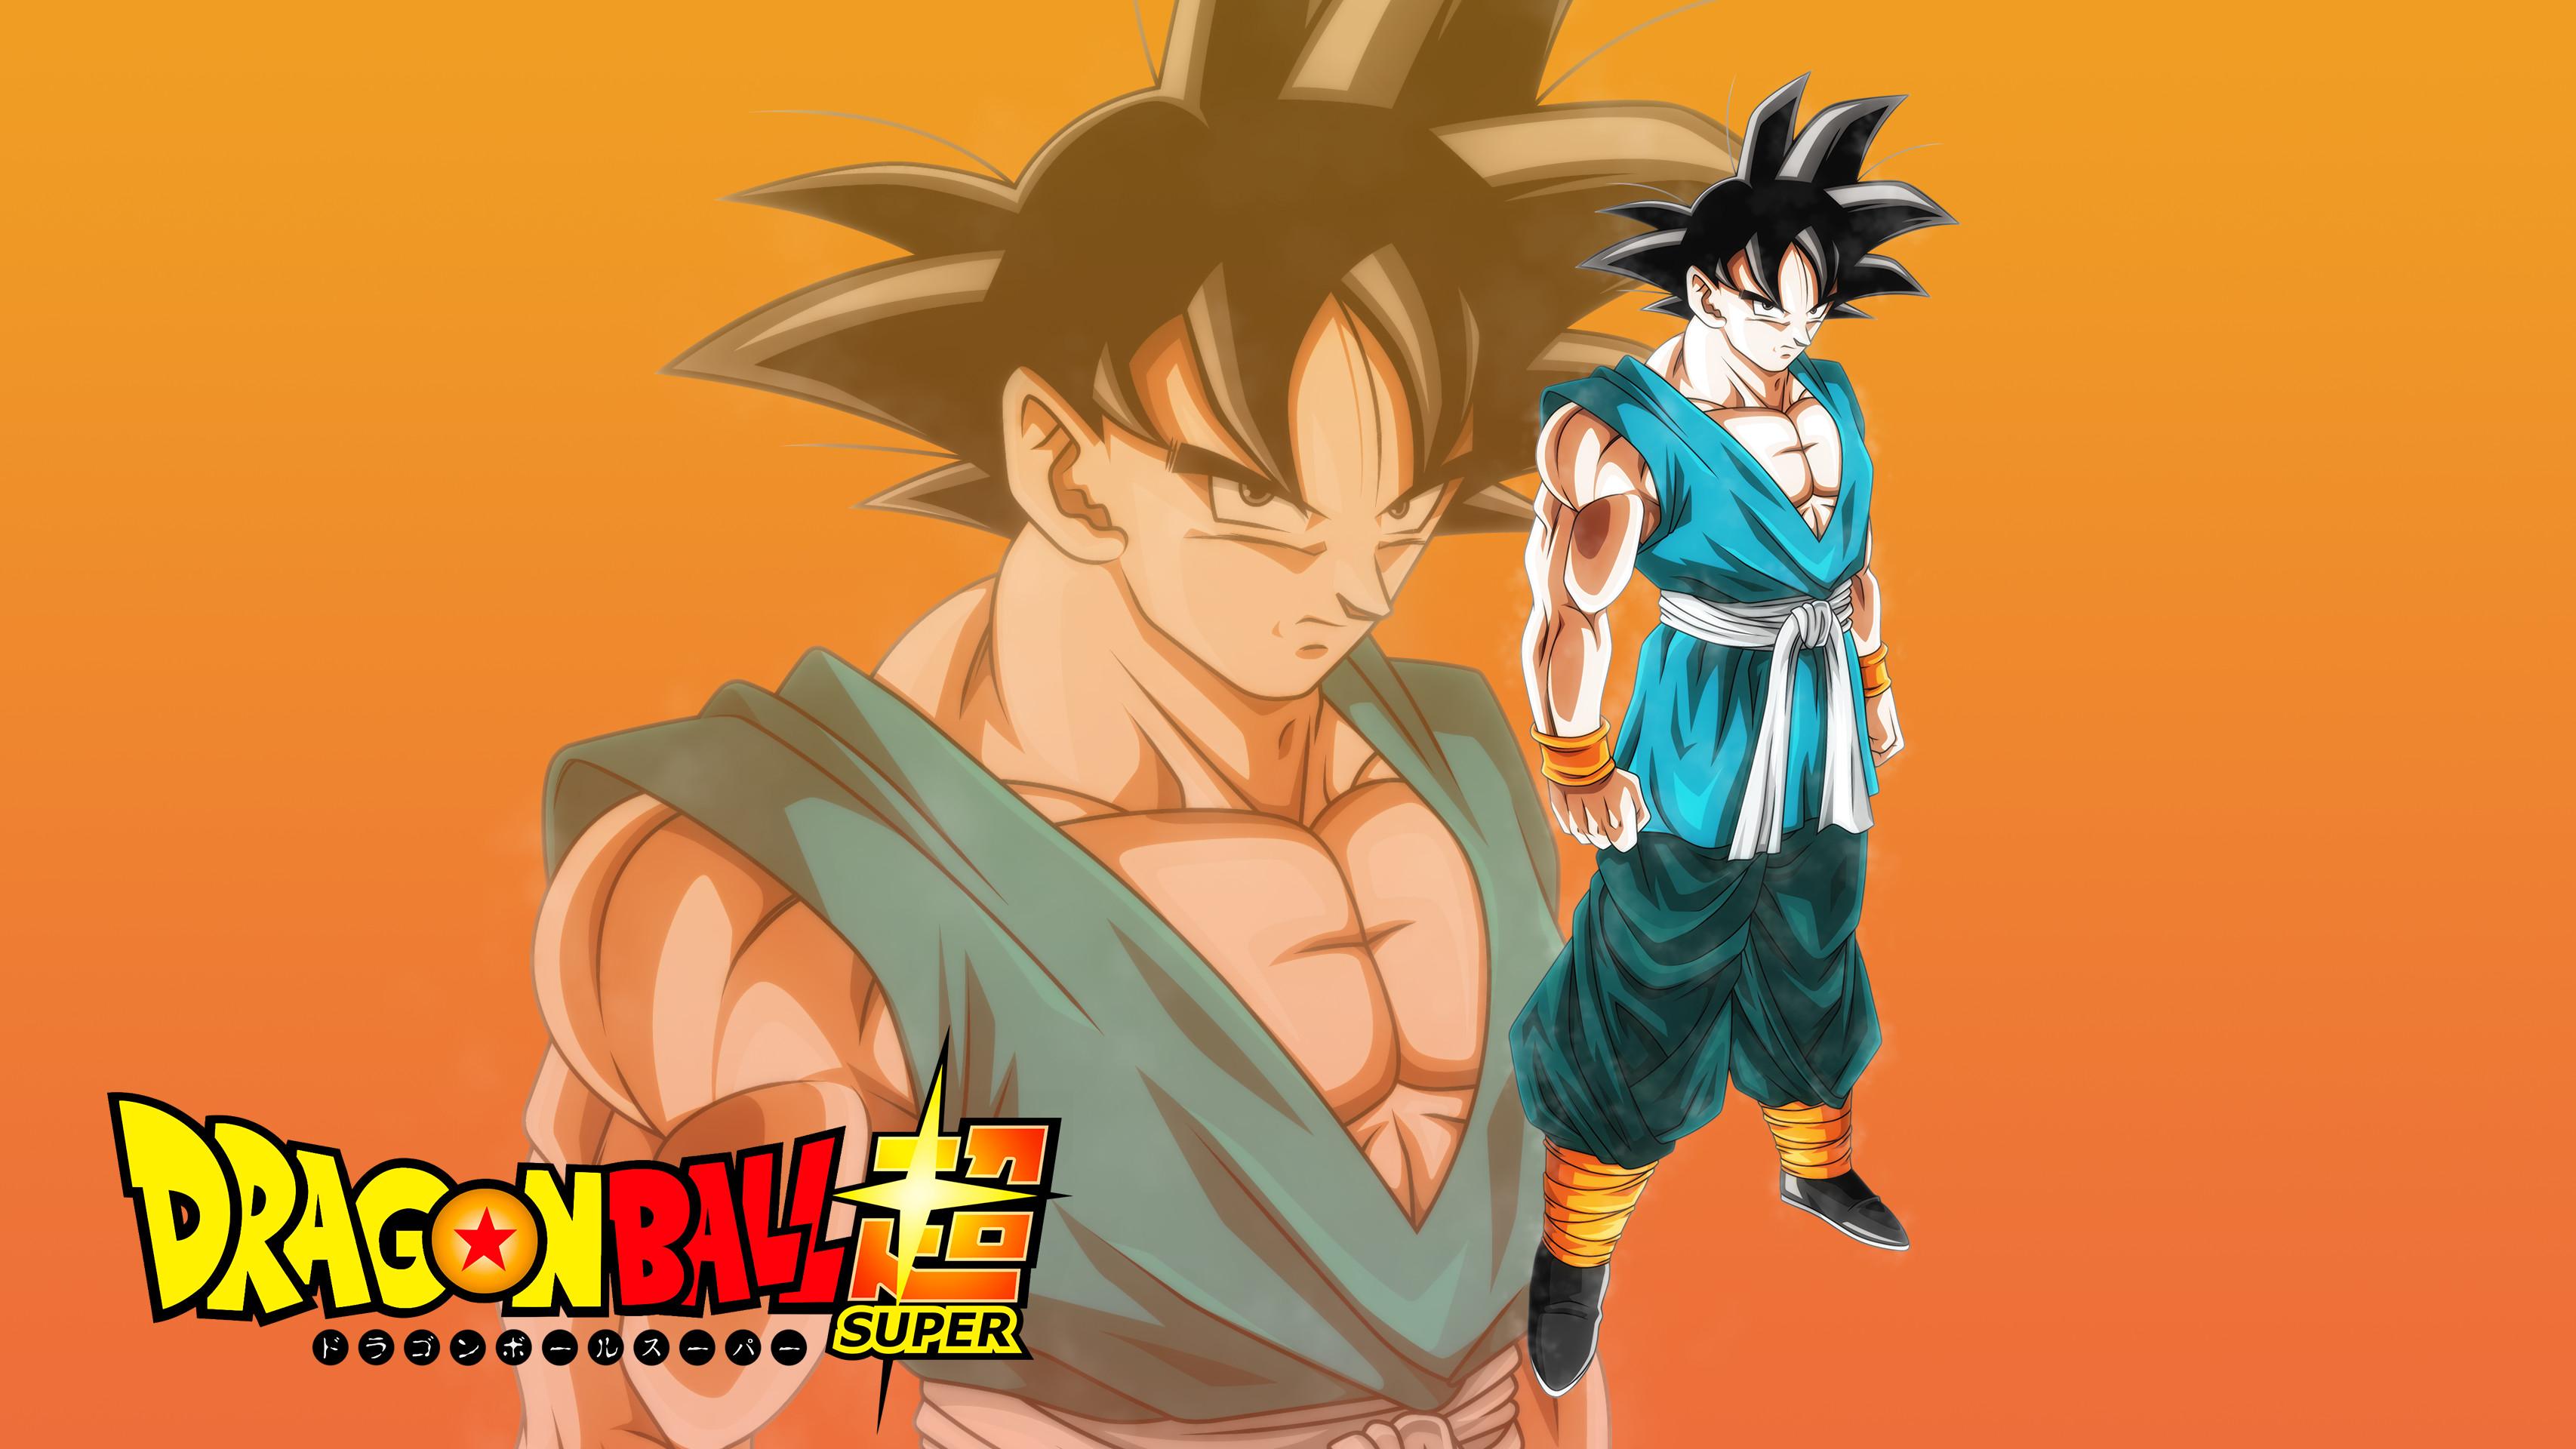 Son Goku Wallpaper Wallpapertag